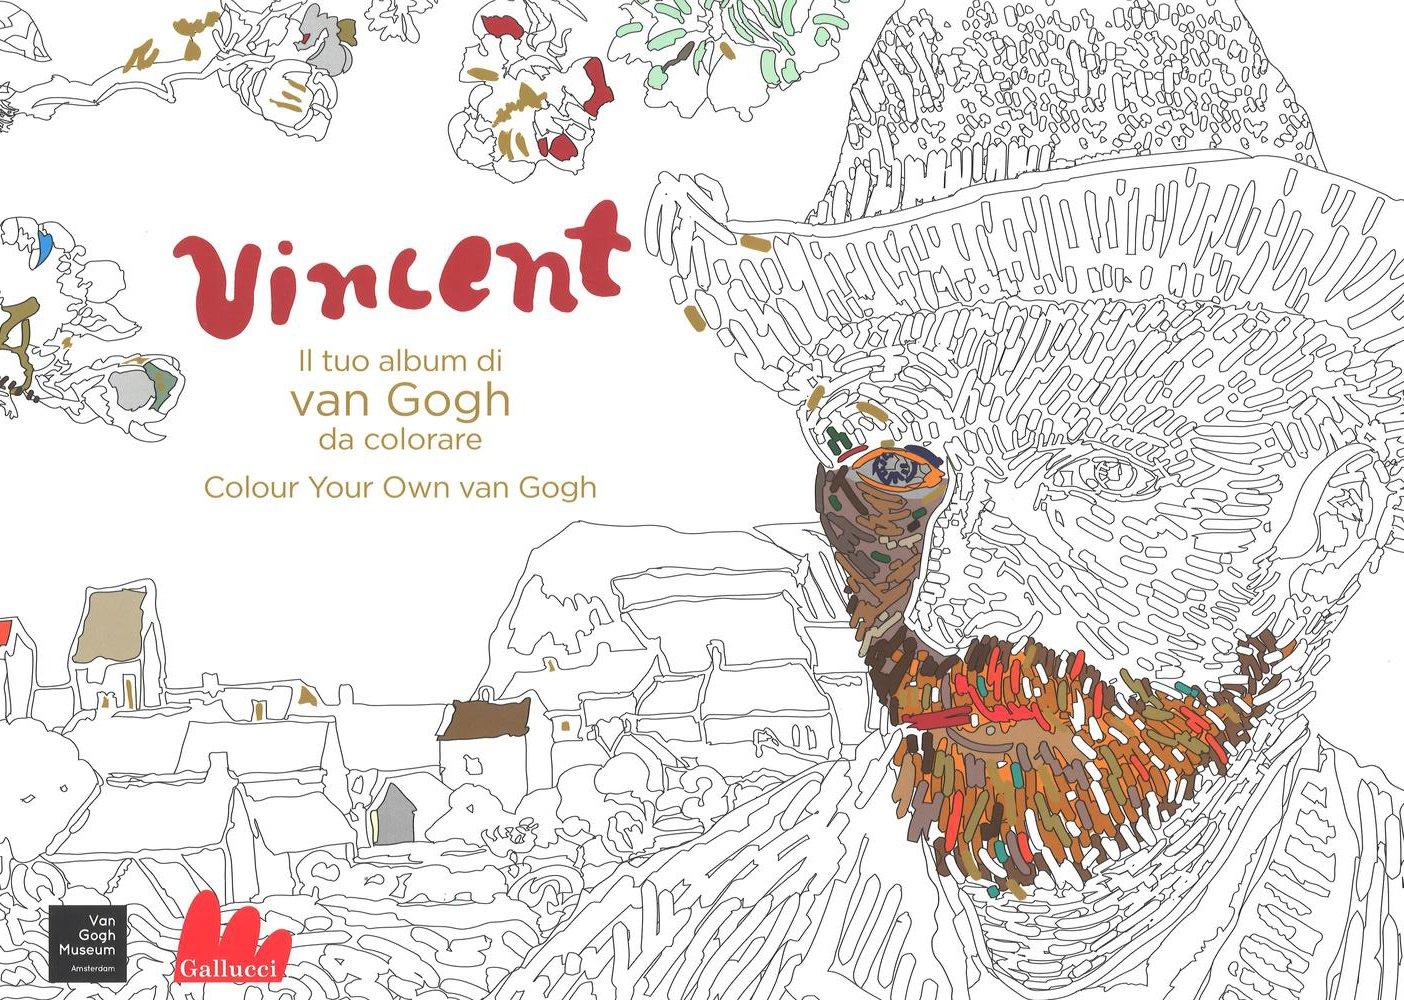 Vincent Il Tuo Album Di Van Gogh Da Colorare Colour Your Own Van Gogh 9788861459304 Amazon Com Books